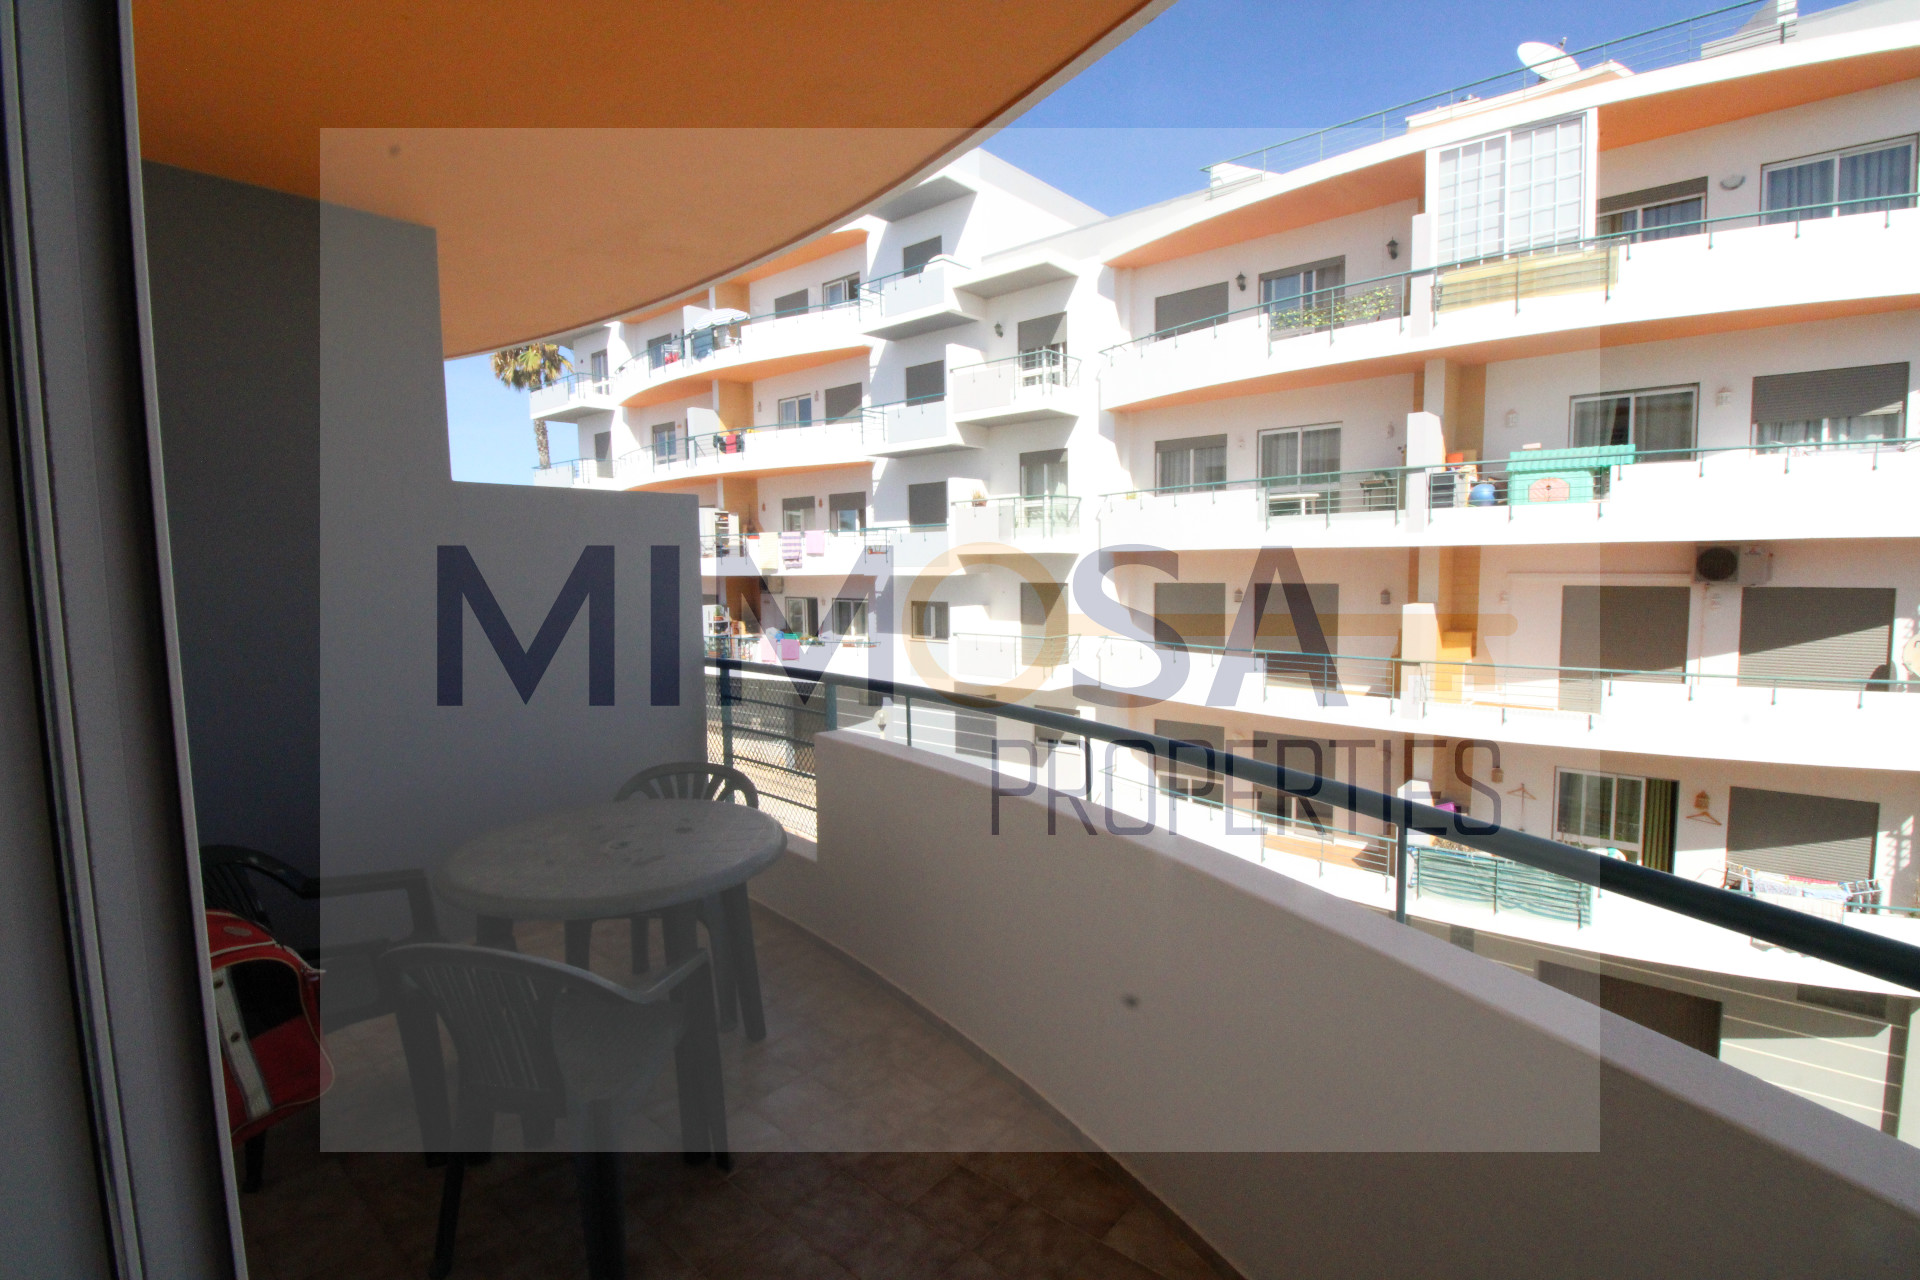 Mimosaproperties - Imobiliára / Real Estate / Makelaars